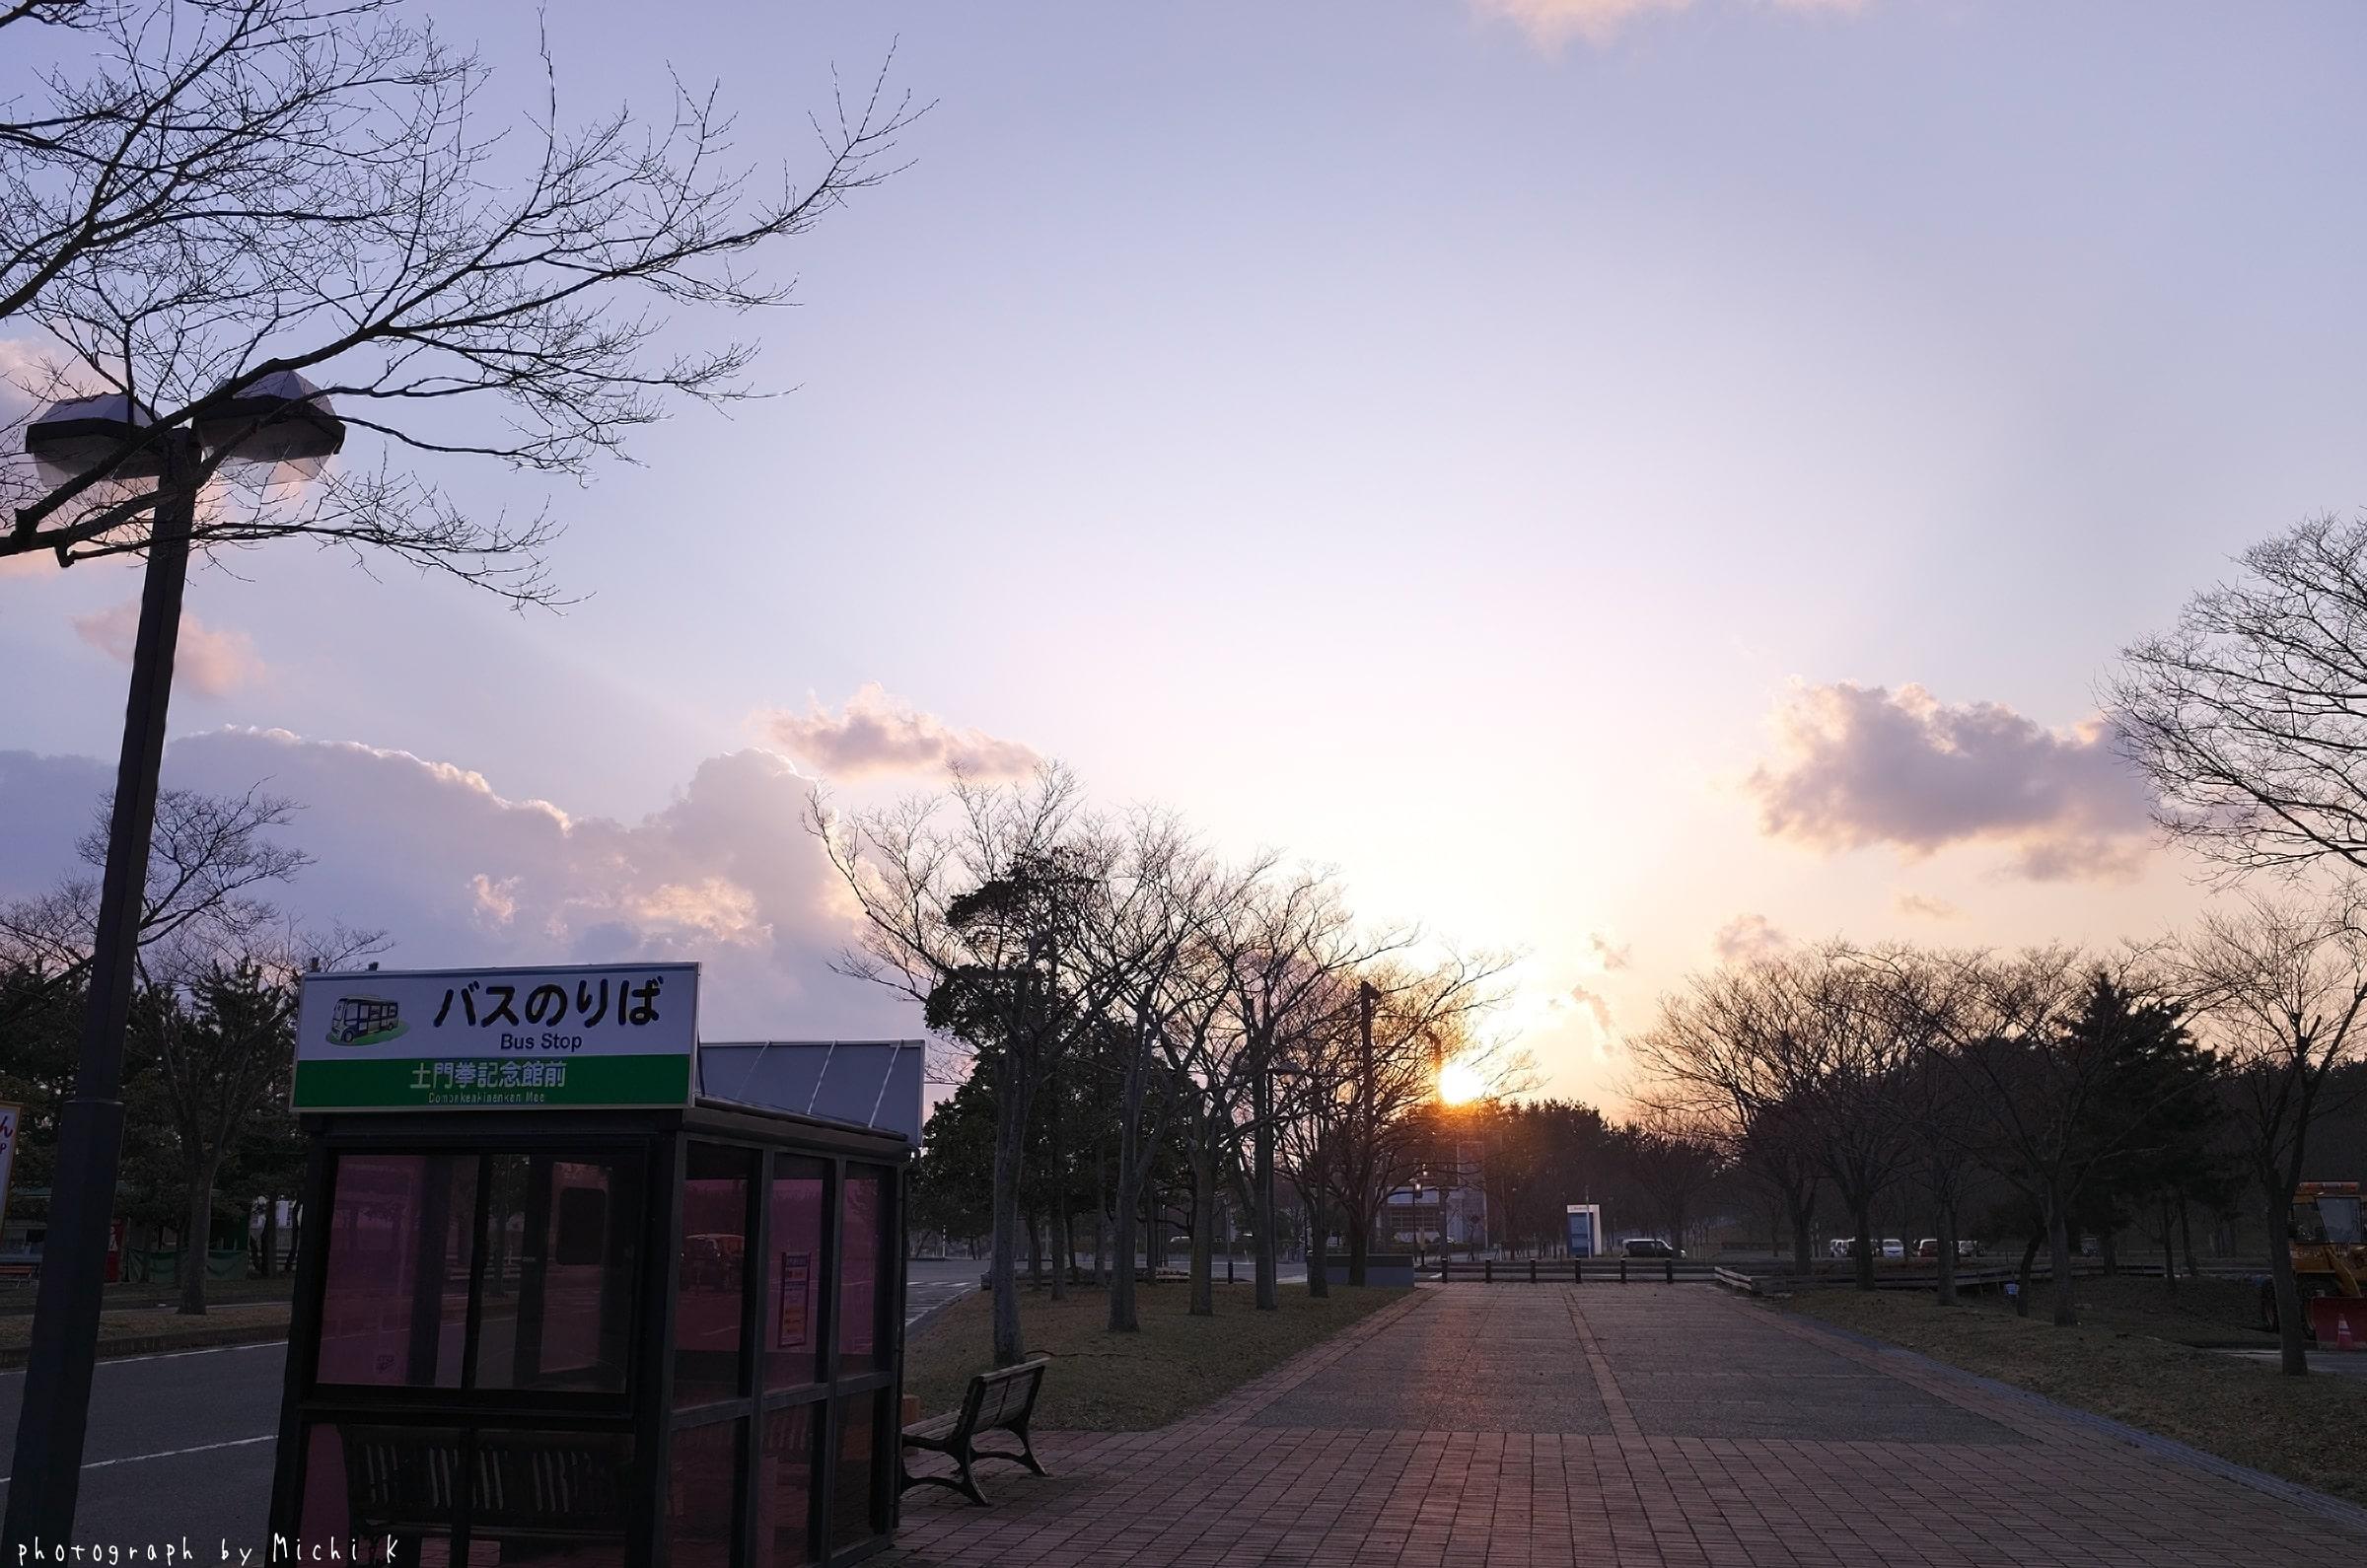 土門拳記念館にて2019-3-2夕方(写真その1)